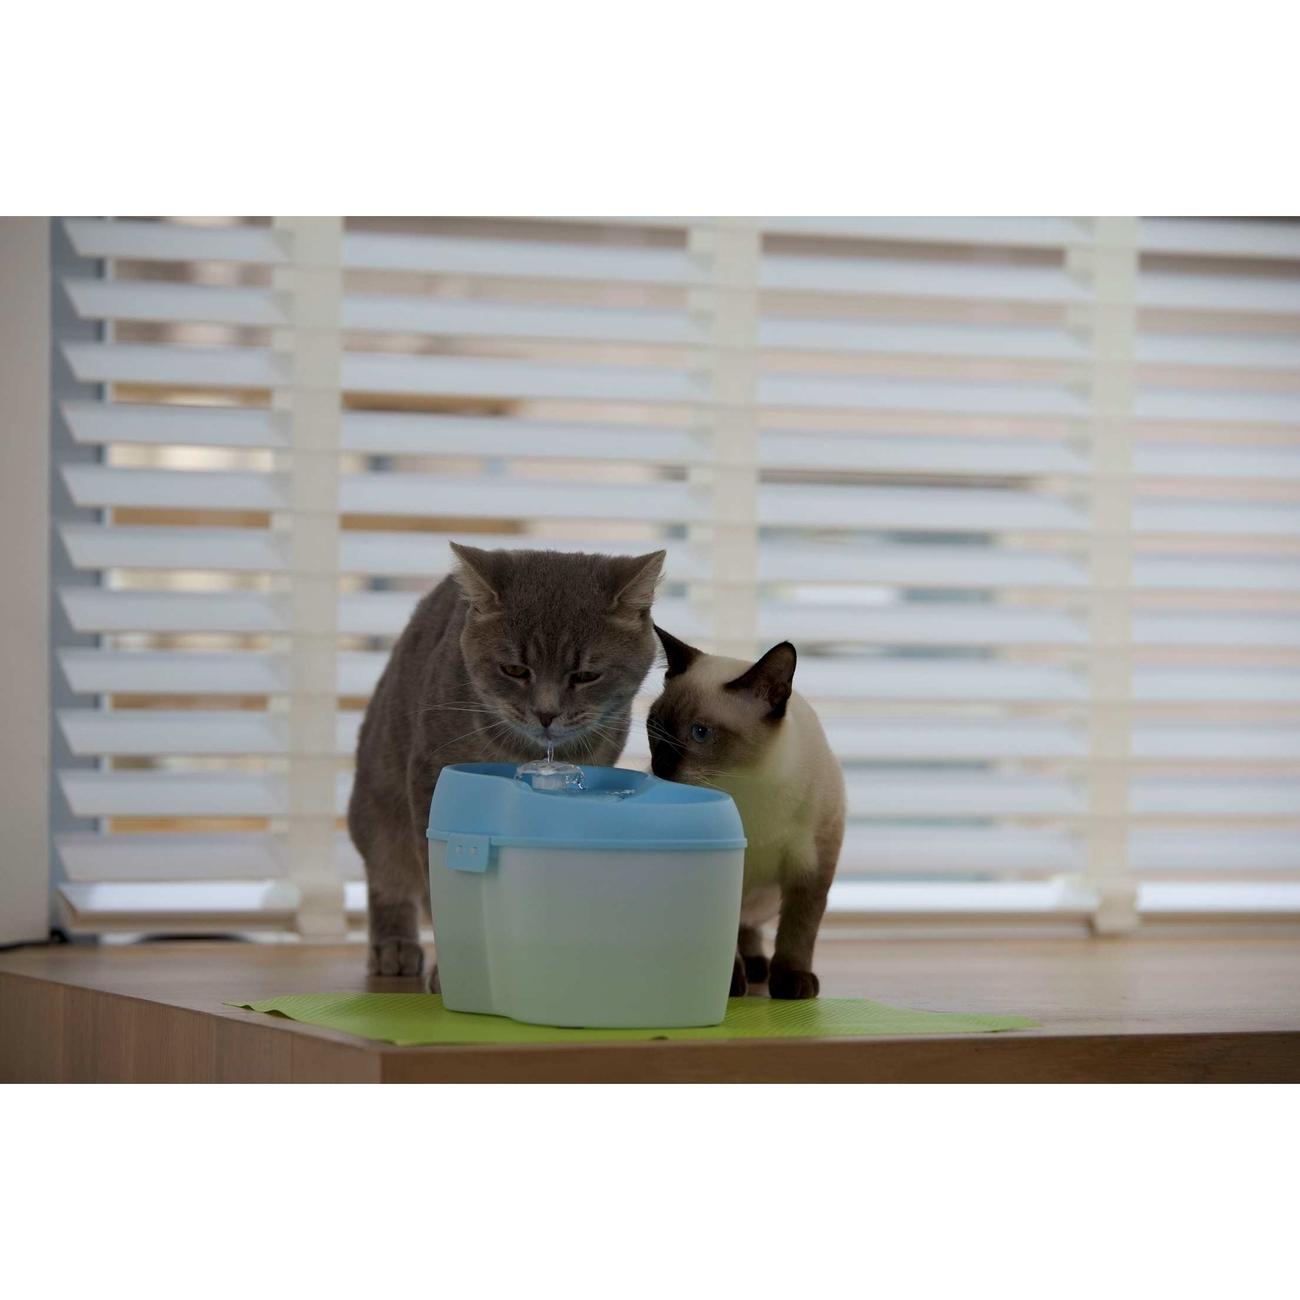 Cat H2O Katzentrinkbrunnen mit Zahnpflege, Bild 4